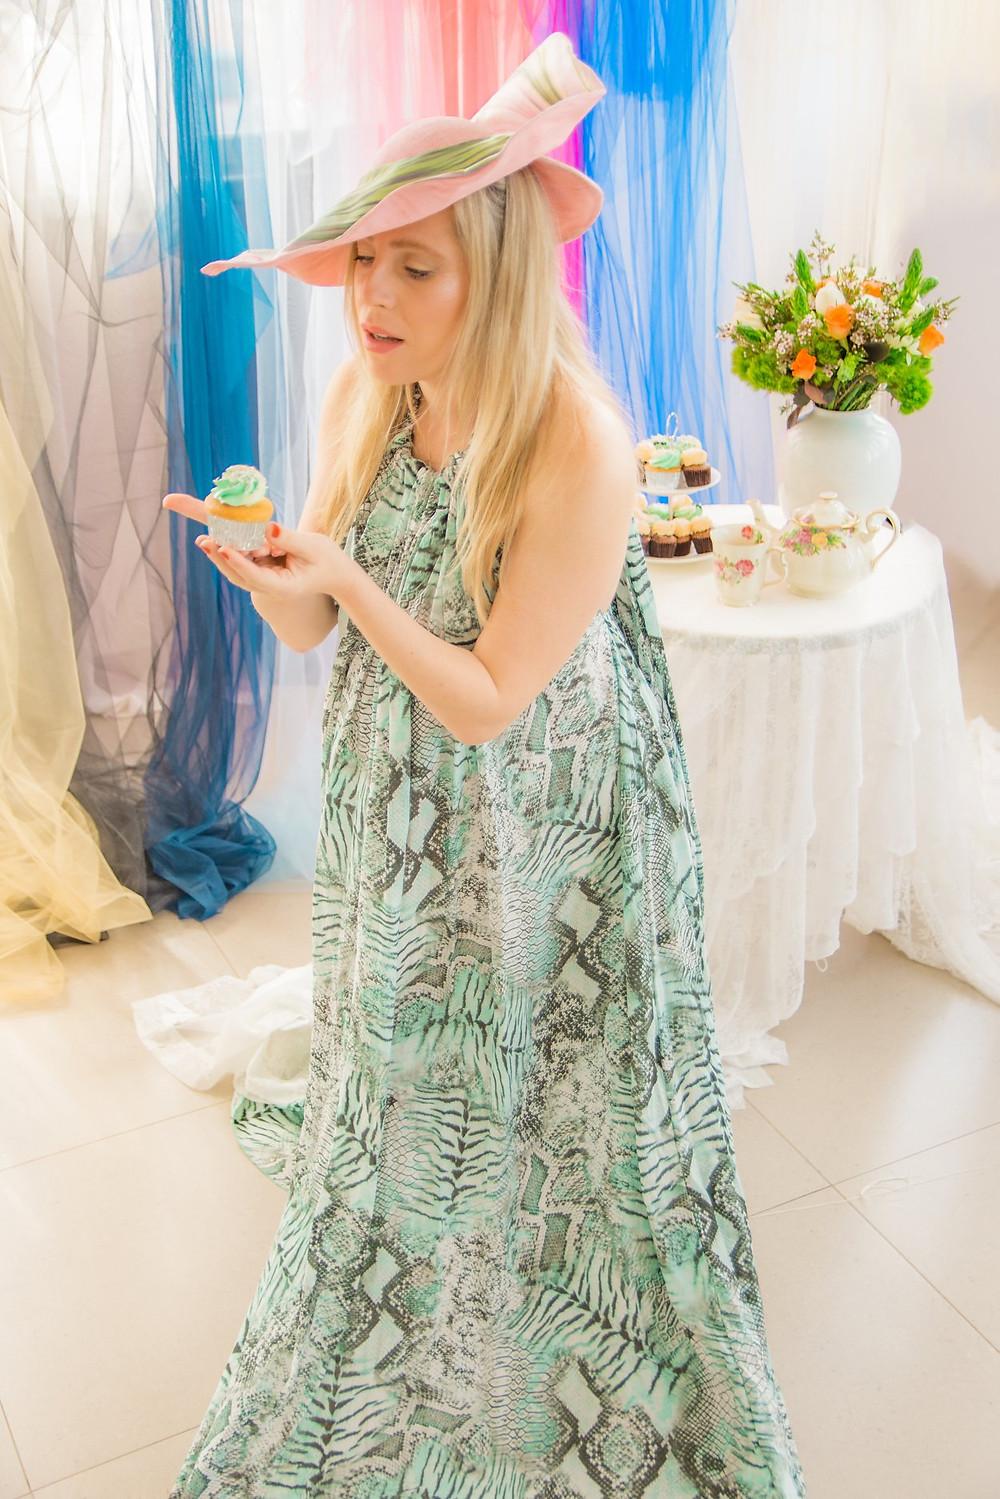 שמלה: אן ברקוביץ'. כובע: מאור צבר. צילום: מיטל אזולאי